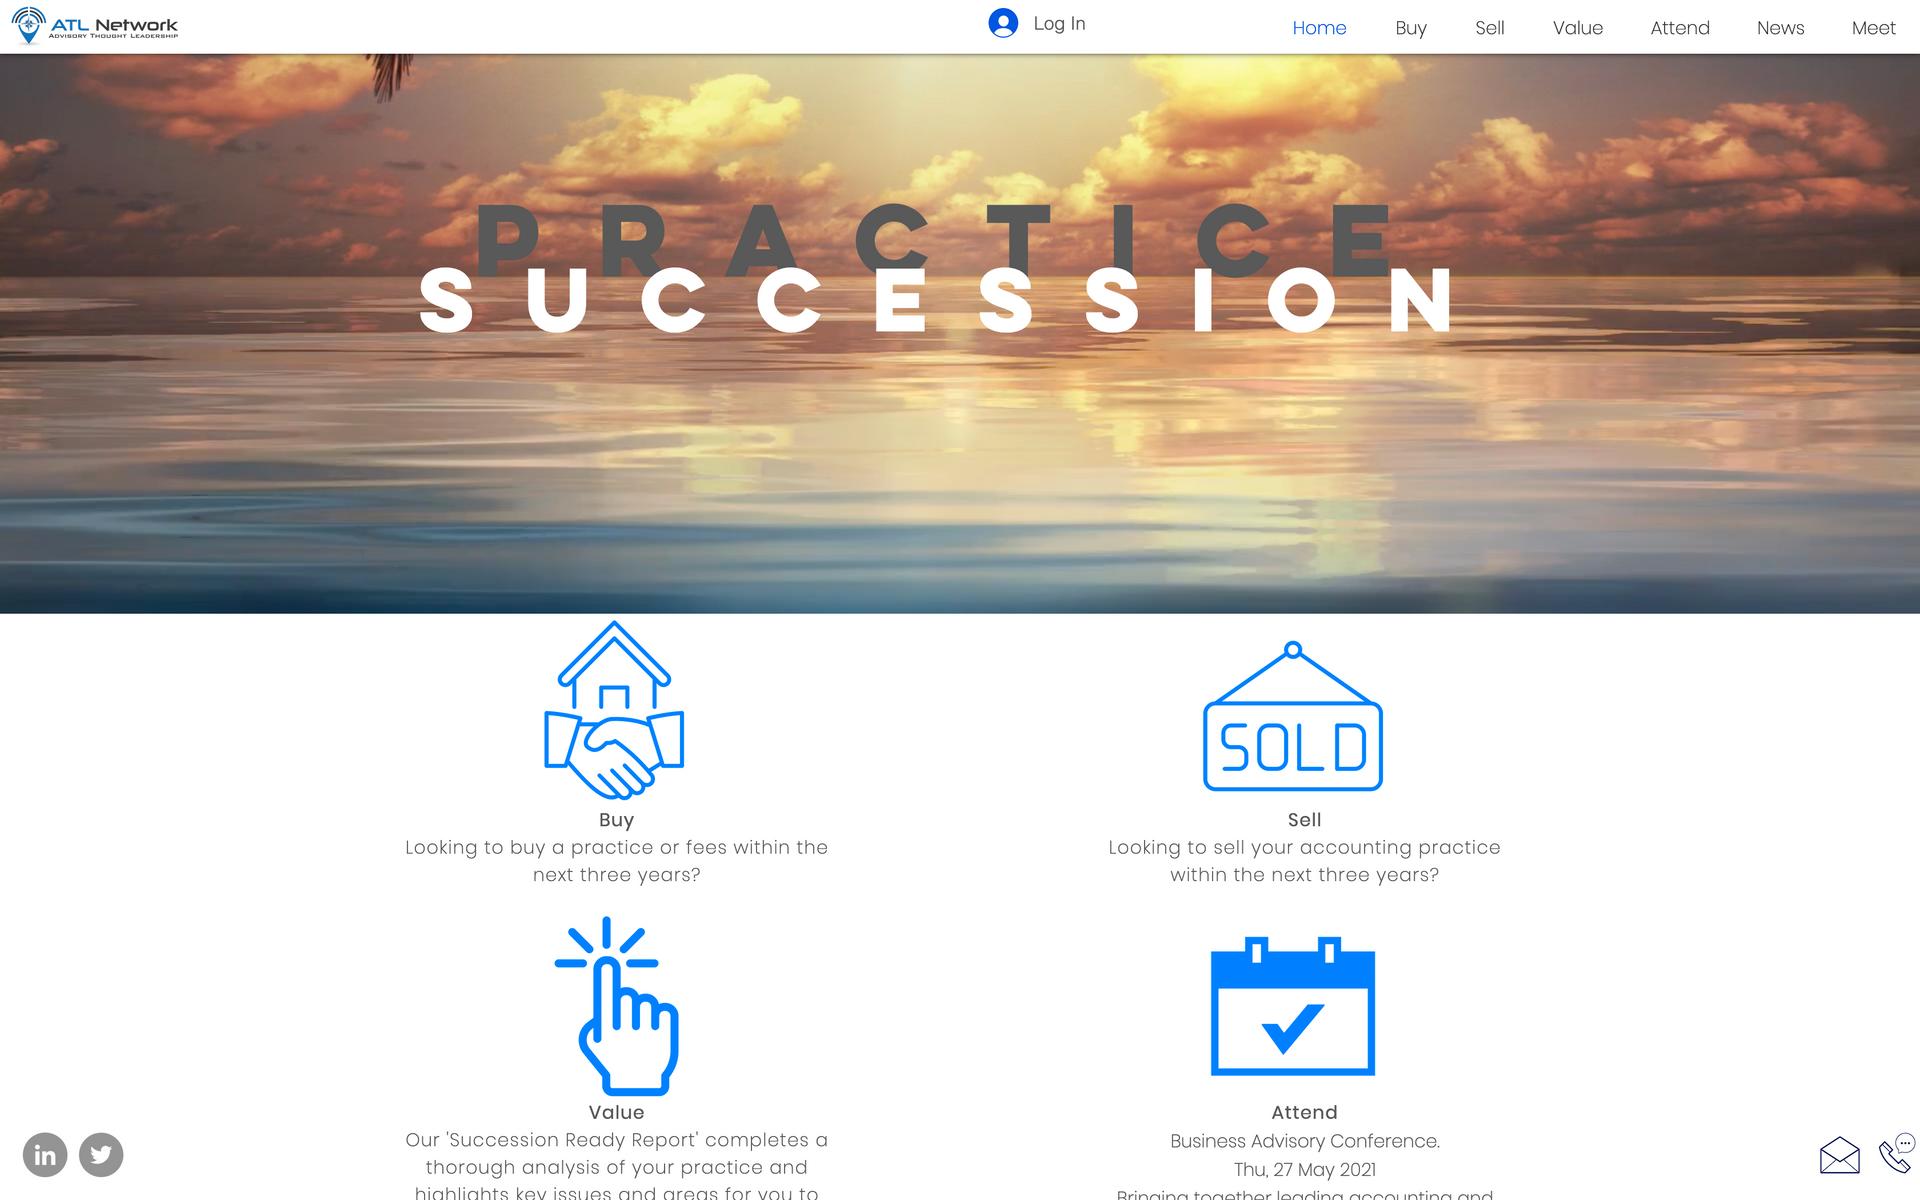 Practice Succession